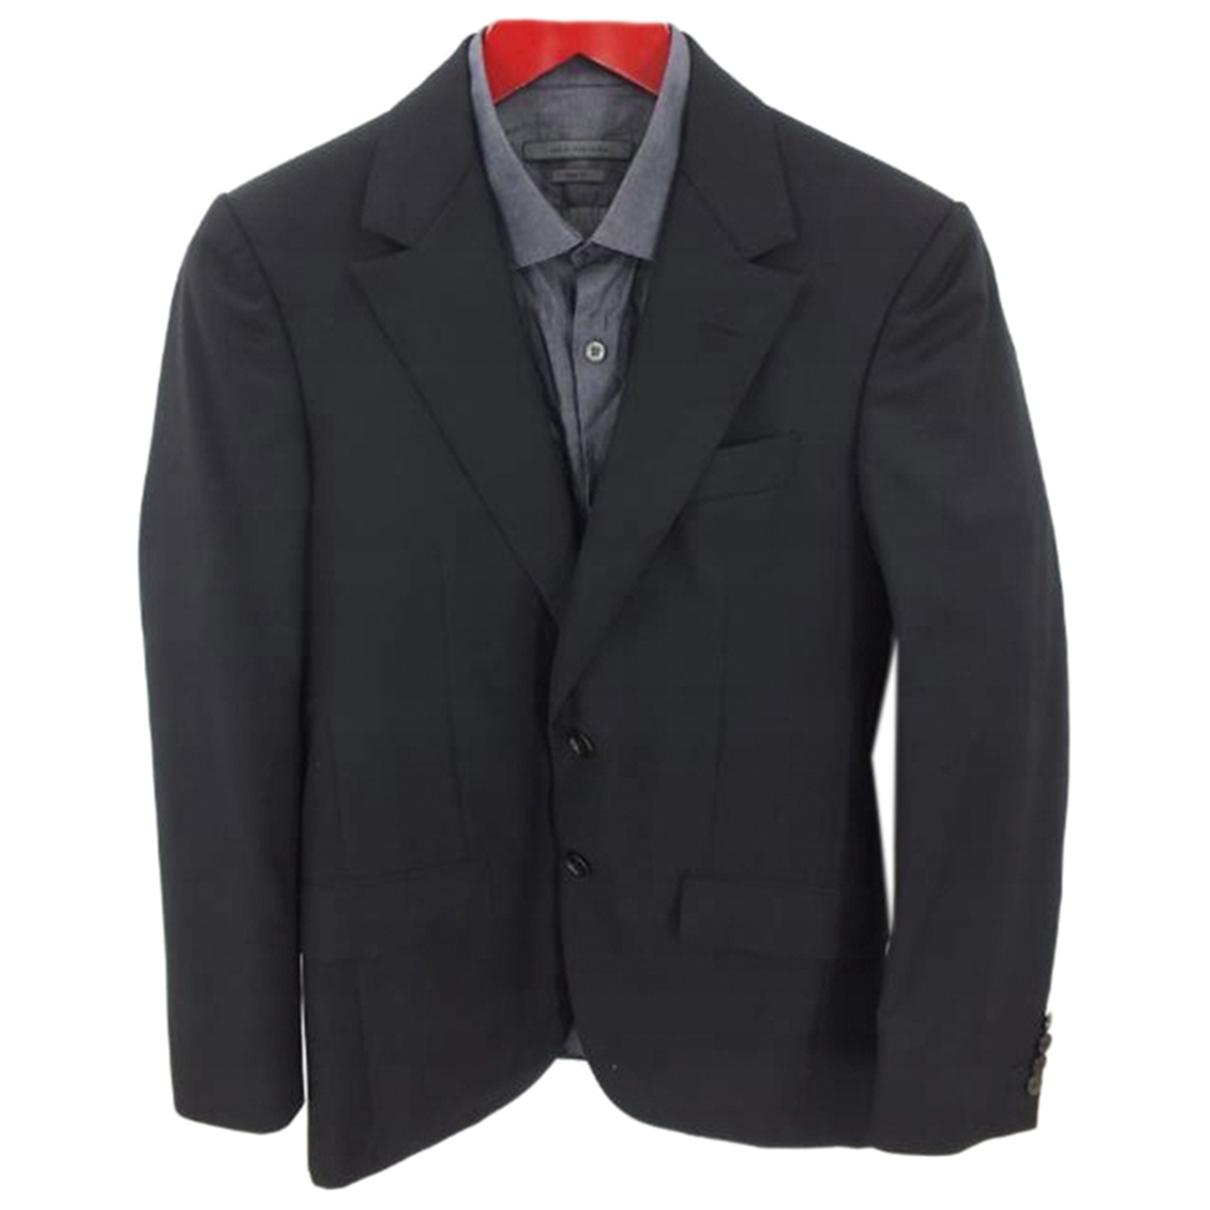 Lanvin - Vestes.Blousons   pour homme en laine - noir